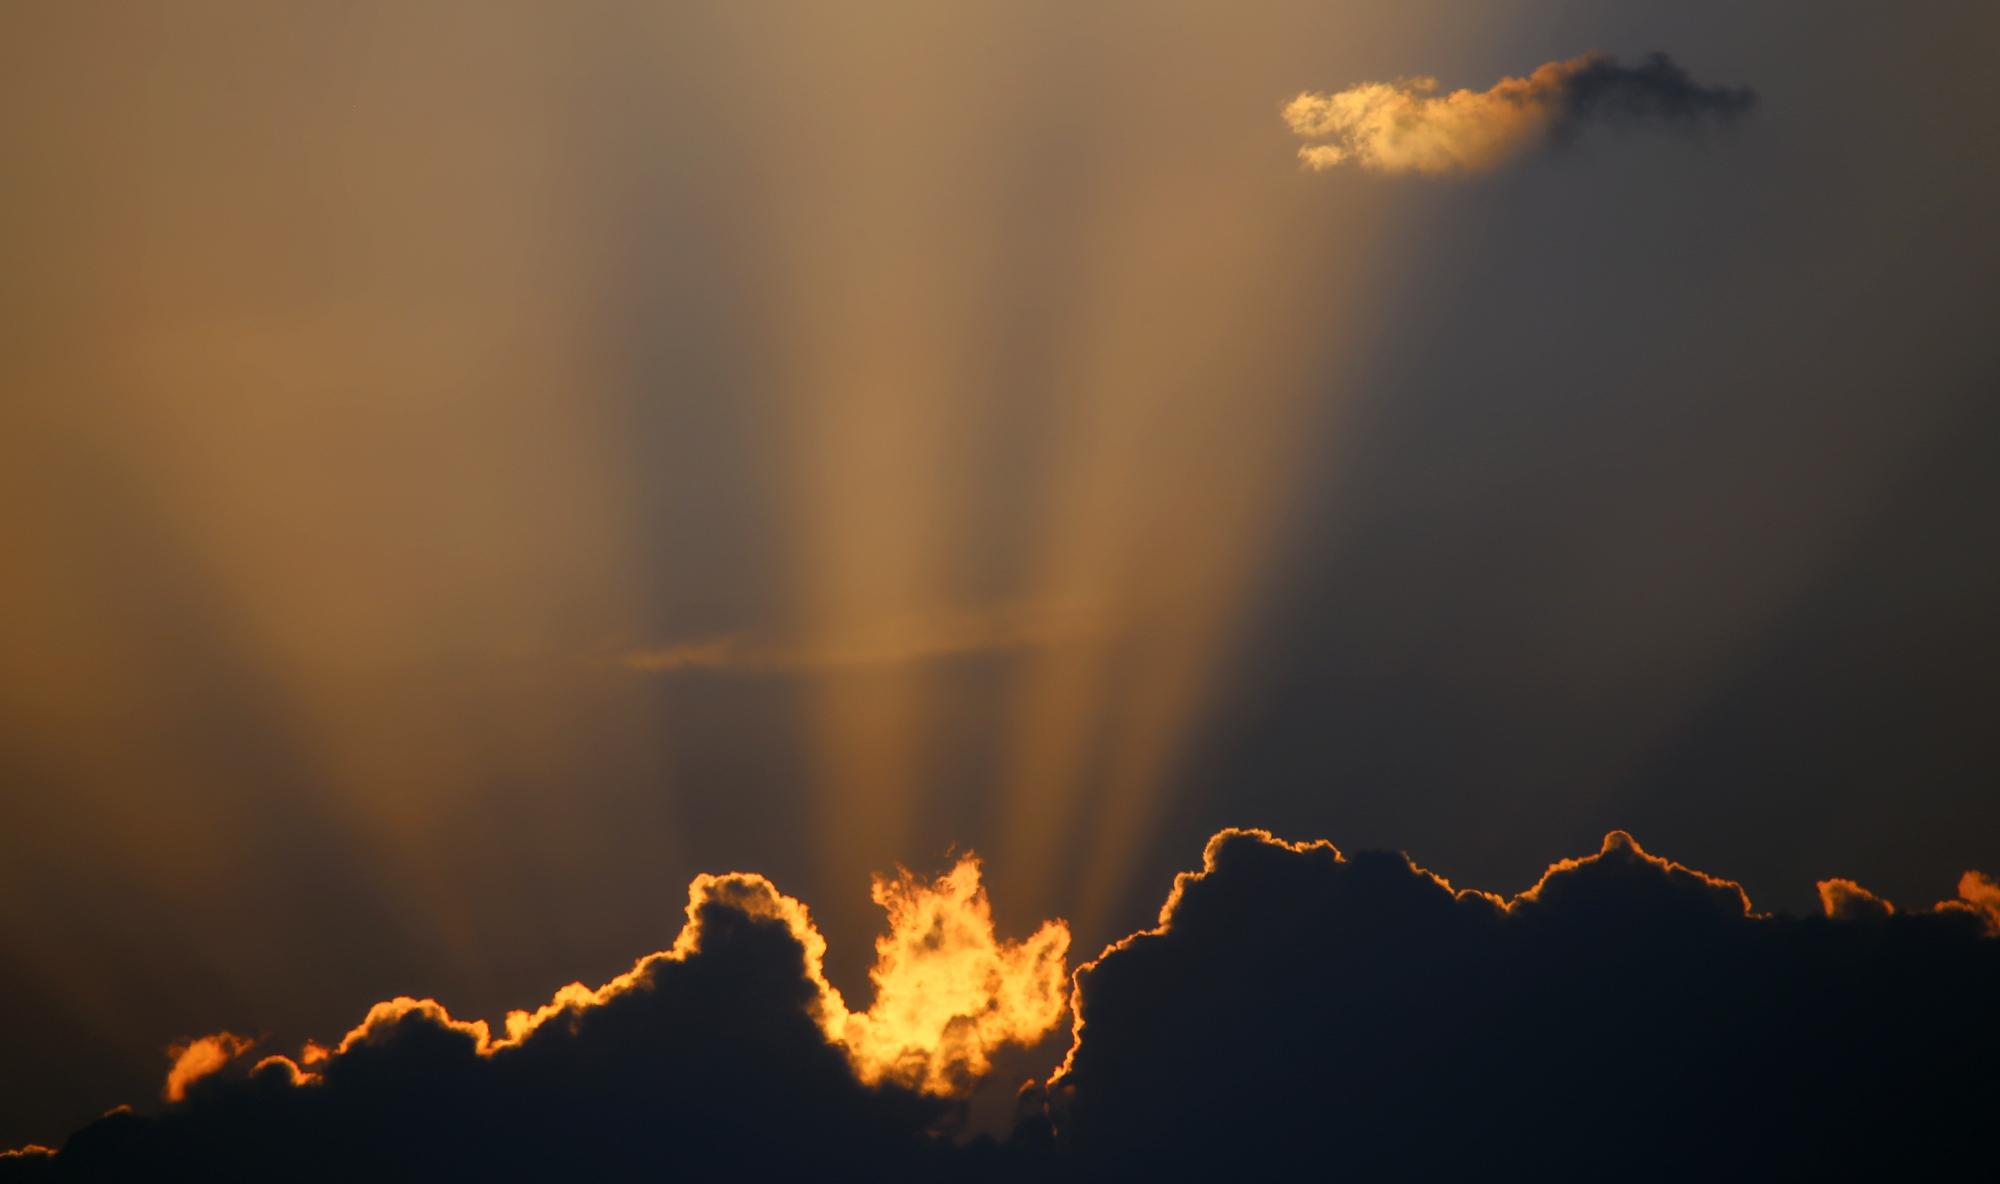 Luglio 2015 - Nel tardo pomeriggio del 29 luglio un fronte freddo ha lambito l'arco alpino attivando alcuni temporali sulla zona del Garda e su Verona. Nella bellissima foto di CarloAlberto Cavedini, i raggi del sole al tramonto illuminano il contorno dei cumuli, regalandoci uno spettacolo di luci ed ombre.